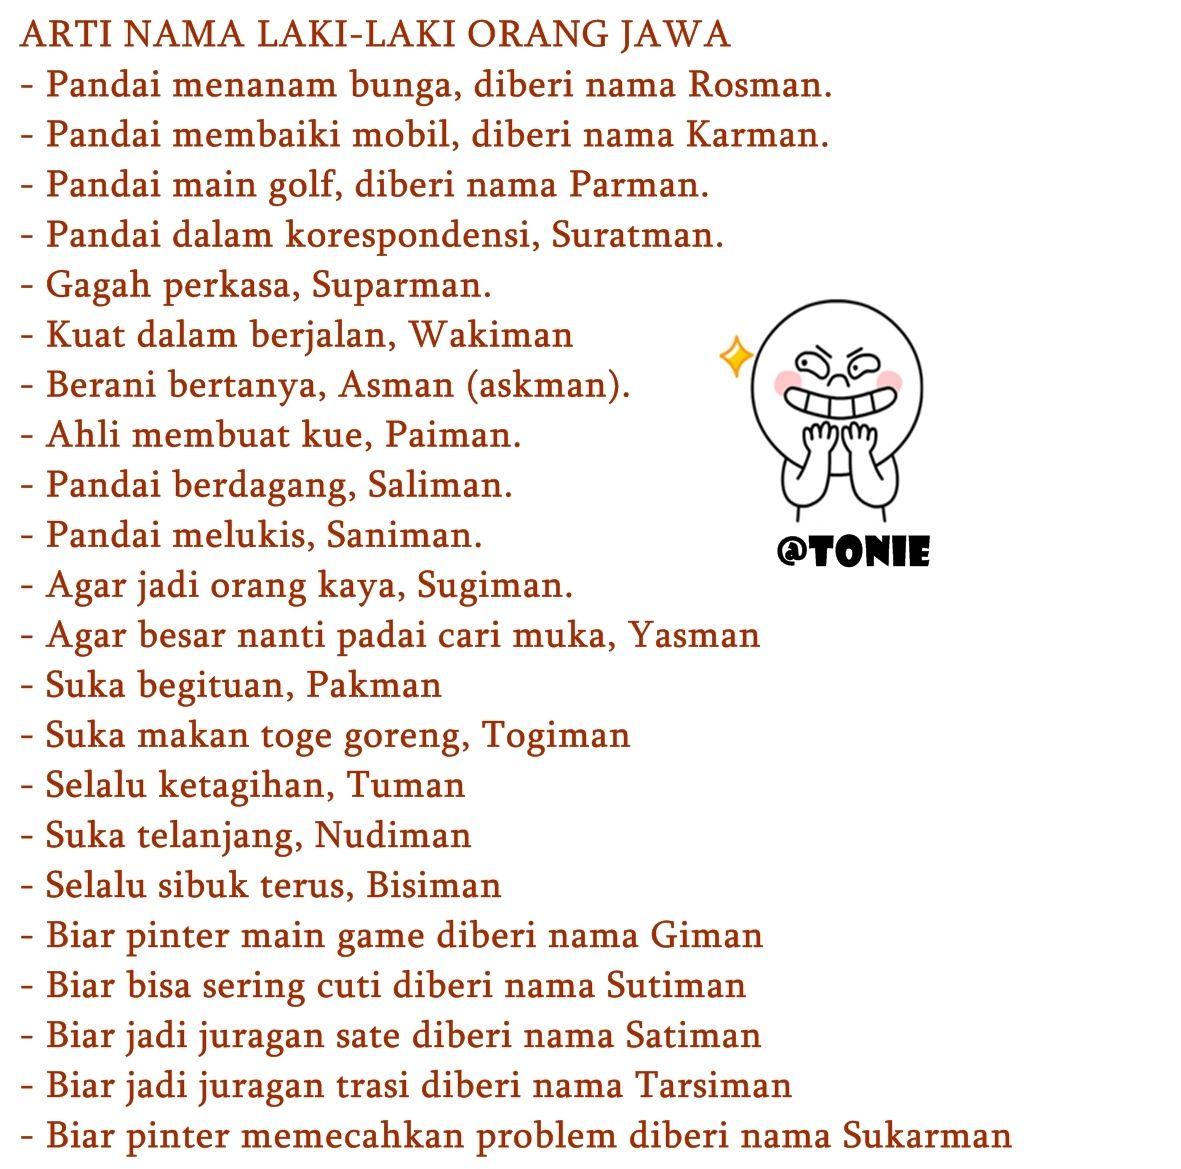 Arti Nama Dalam Bahasa Jawa Buat Sekedar Seru Seruan Doang